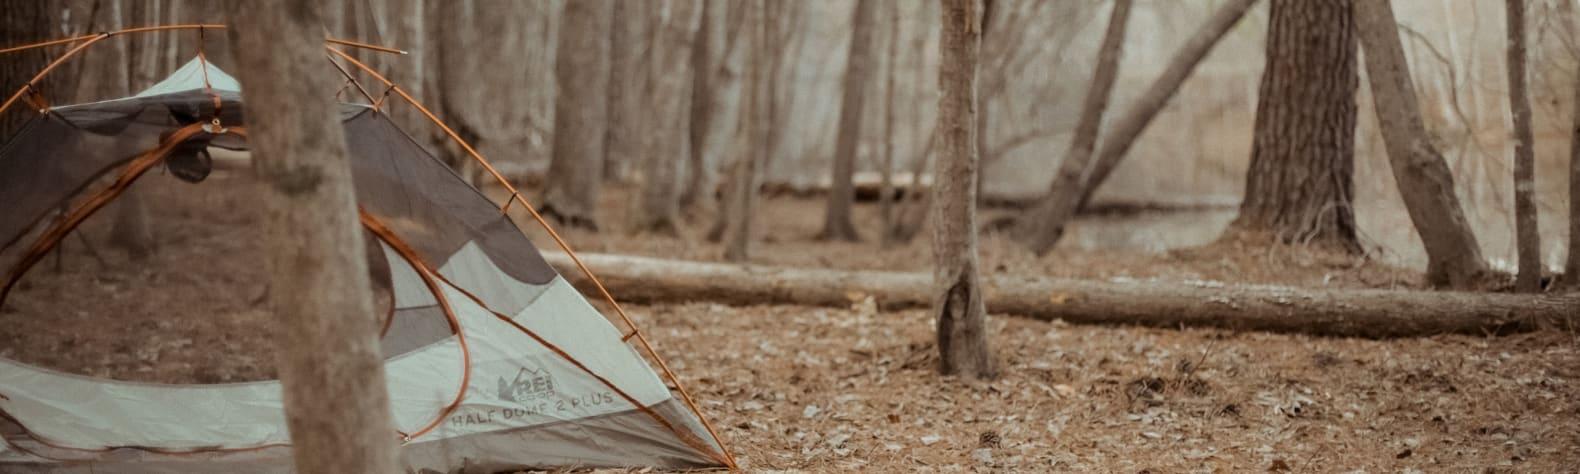 Trail Blazer Survival Camp